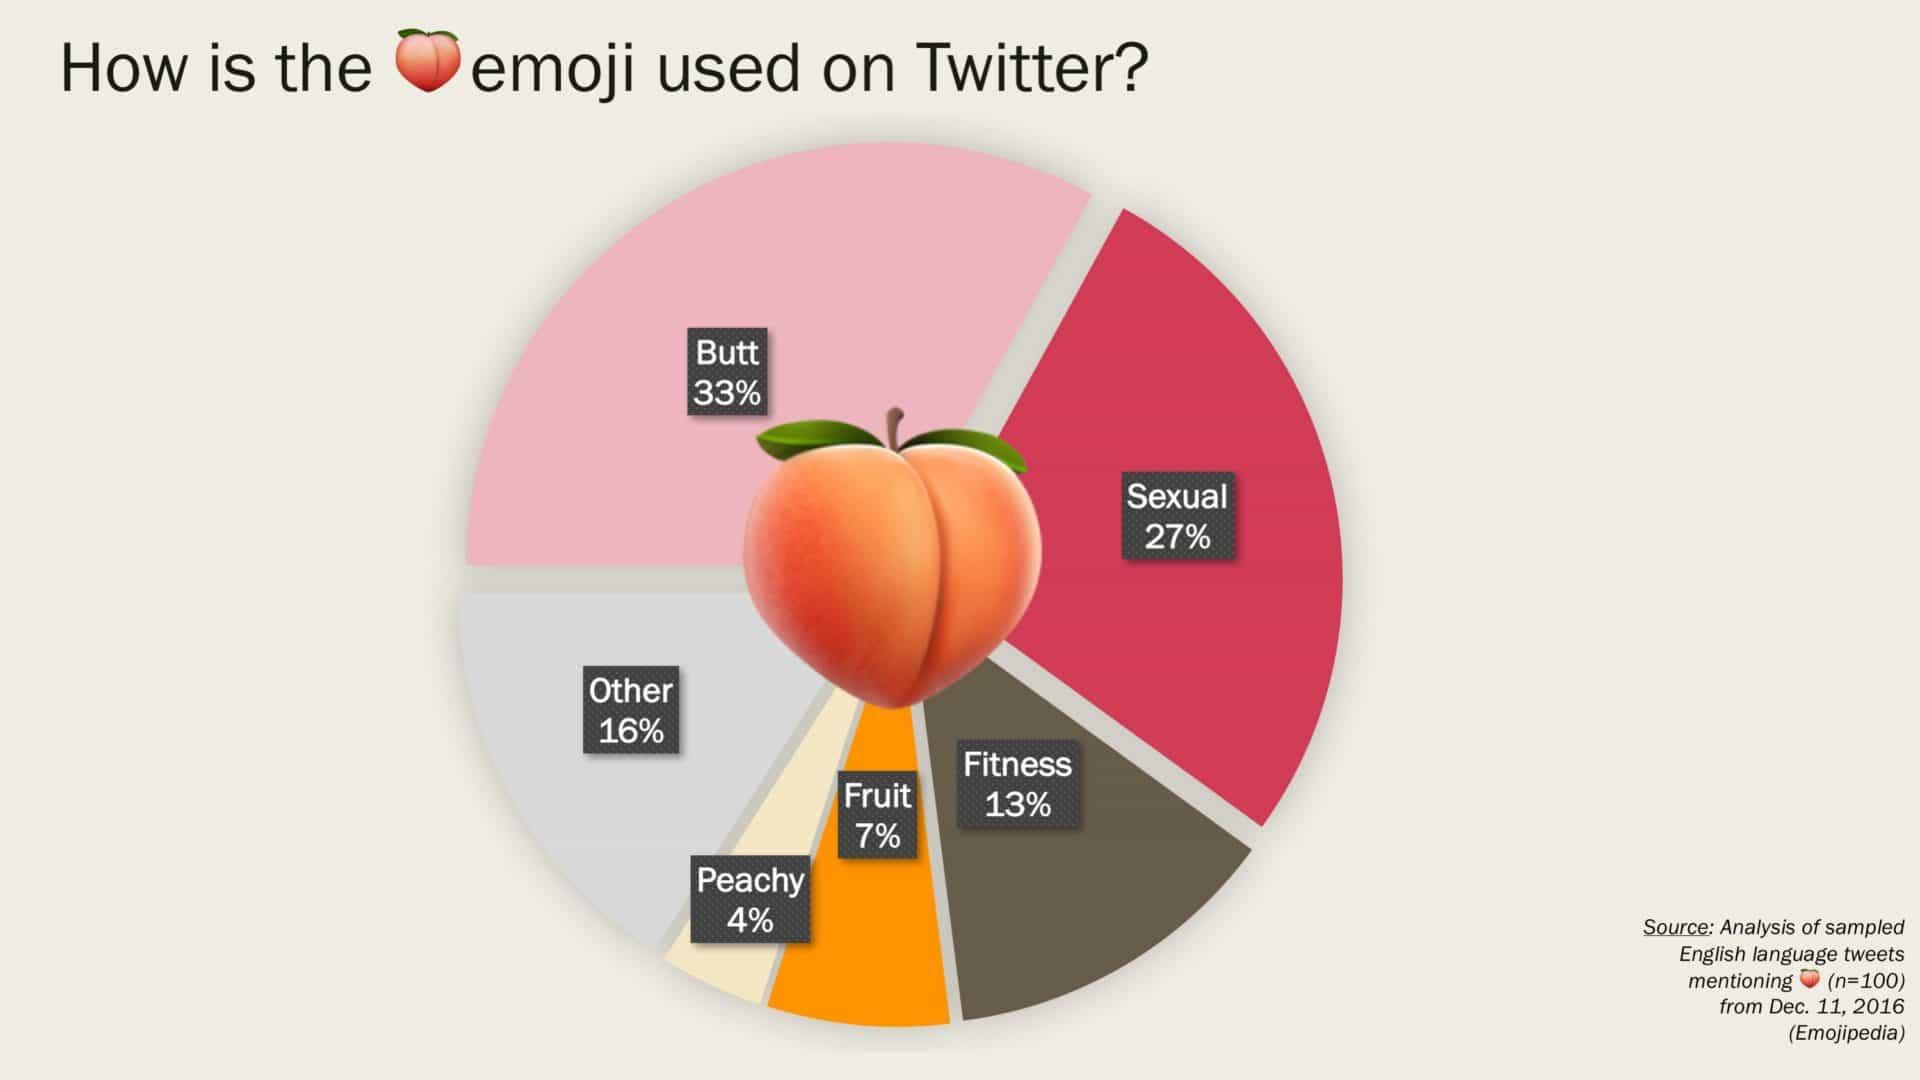 Taartdiagram die toont hoe mensen de peach-emoji gebruiken met allerlei betekenissen